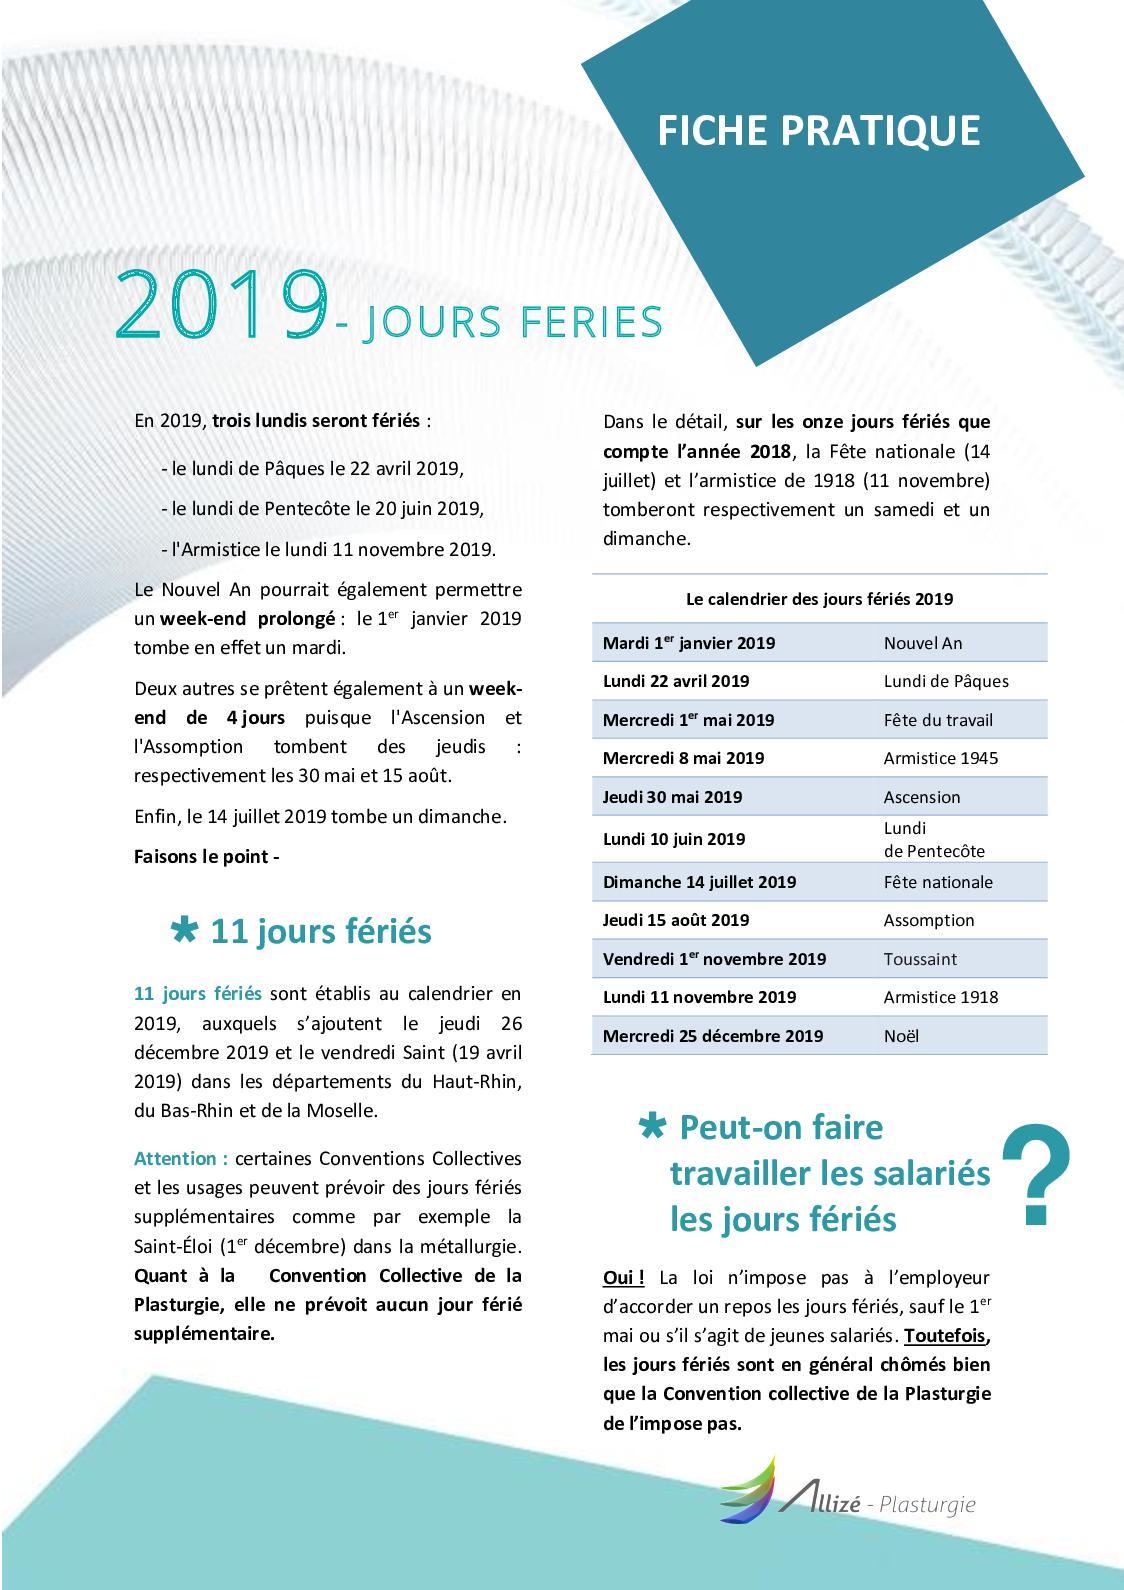 d5fc87fe6ee Calaméo - FICHE PRATIQUE - Jours Fériés 2019 0